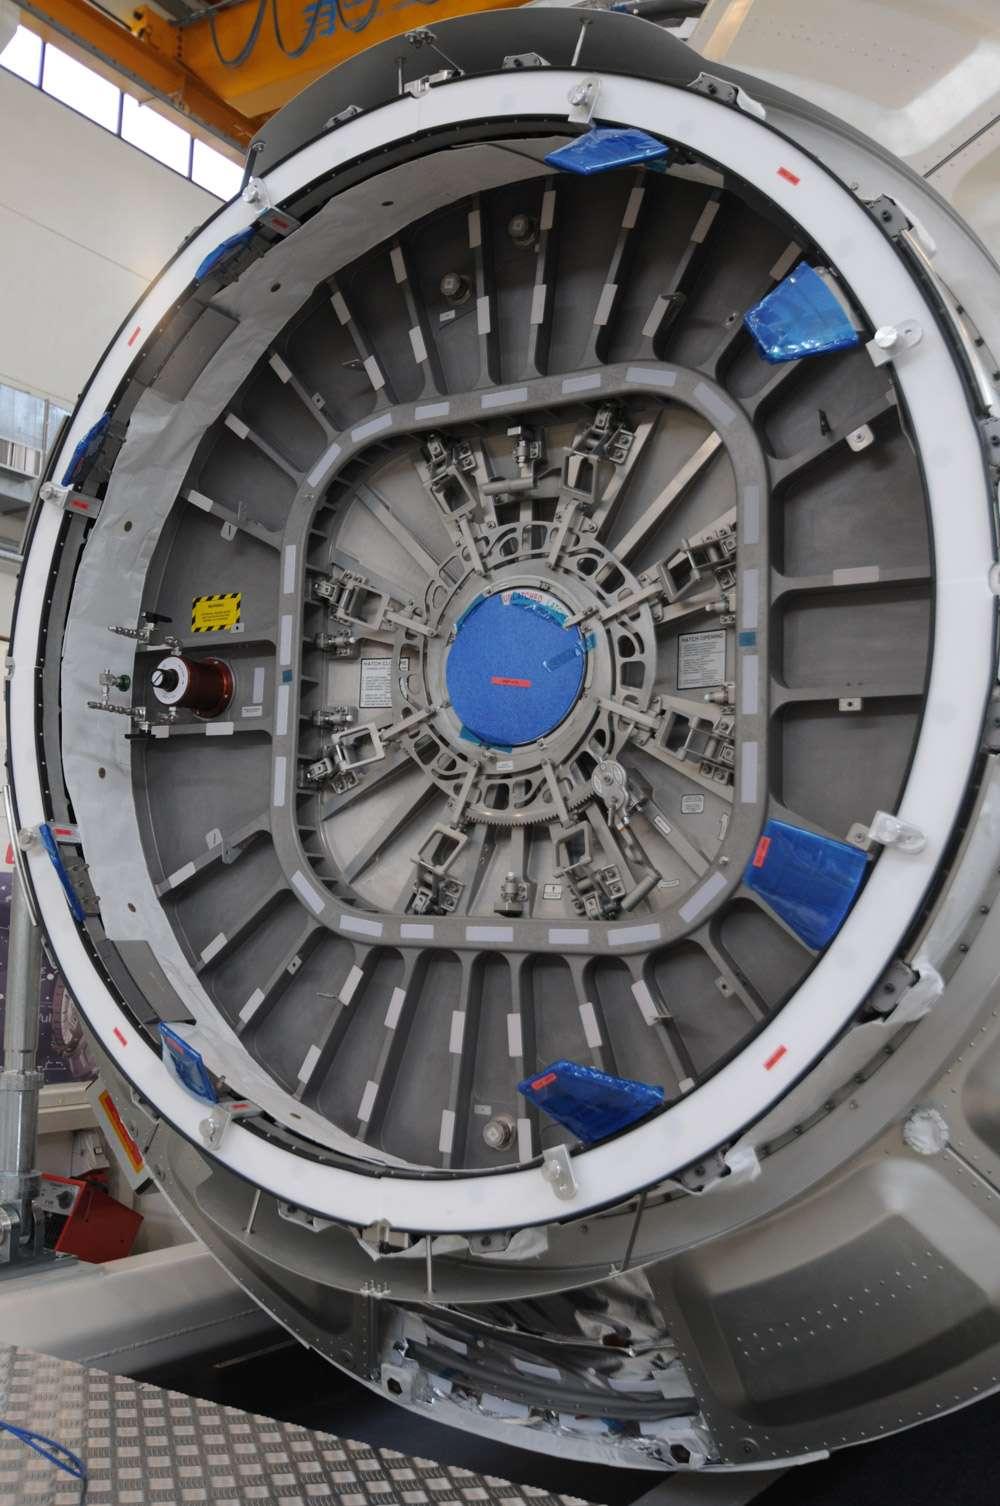 Sas d'entrée du module pressurisé, construit par Thales Alenia Space, du cargo Cygnus. © Rémy Decourt, Futura-Sciences